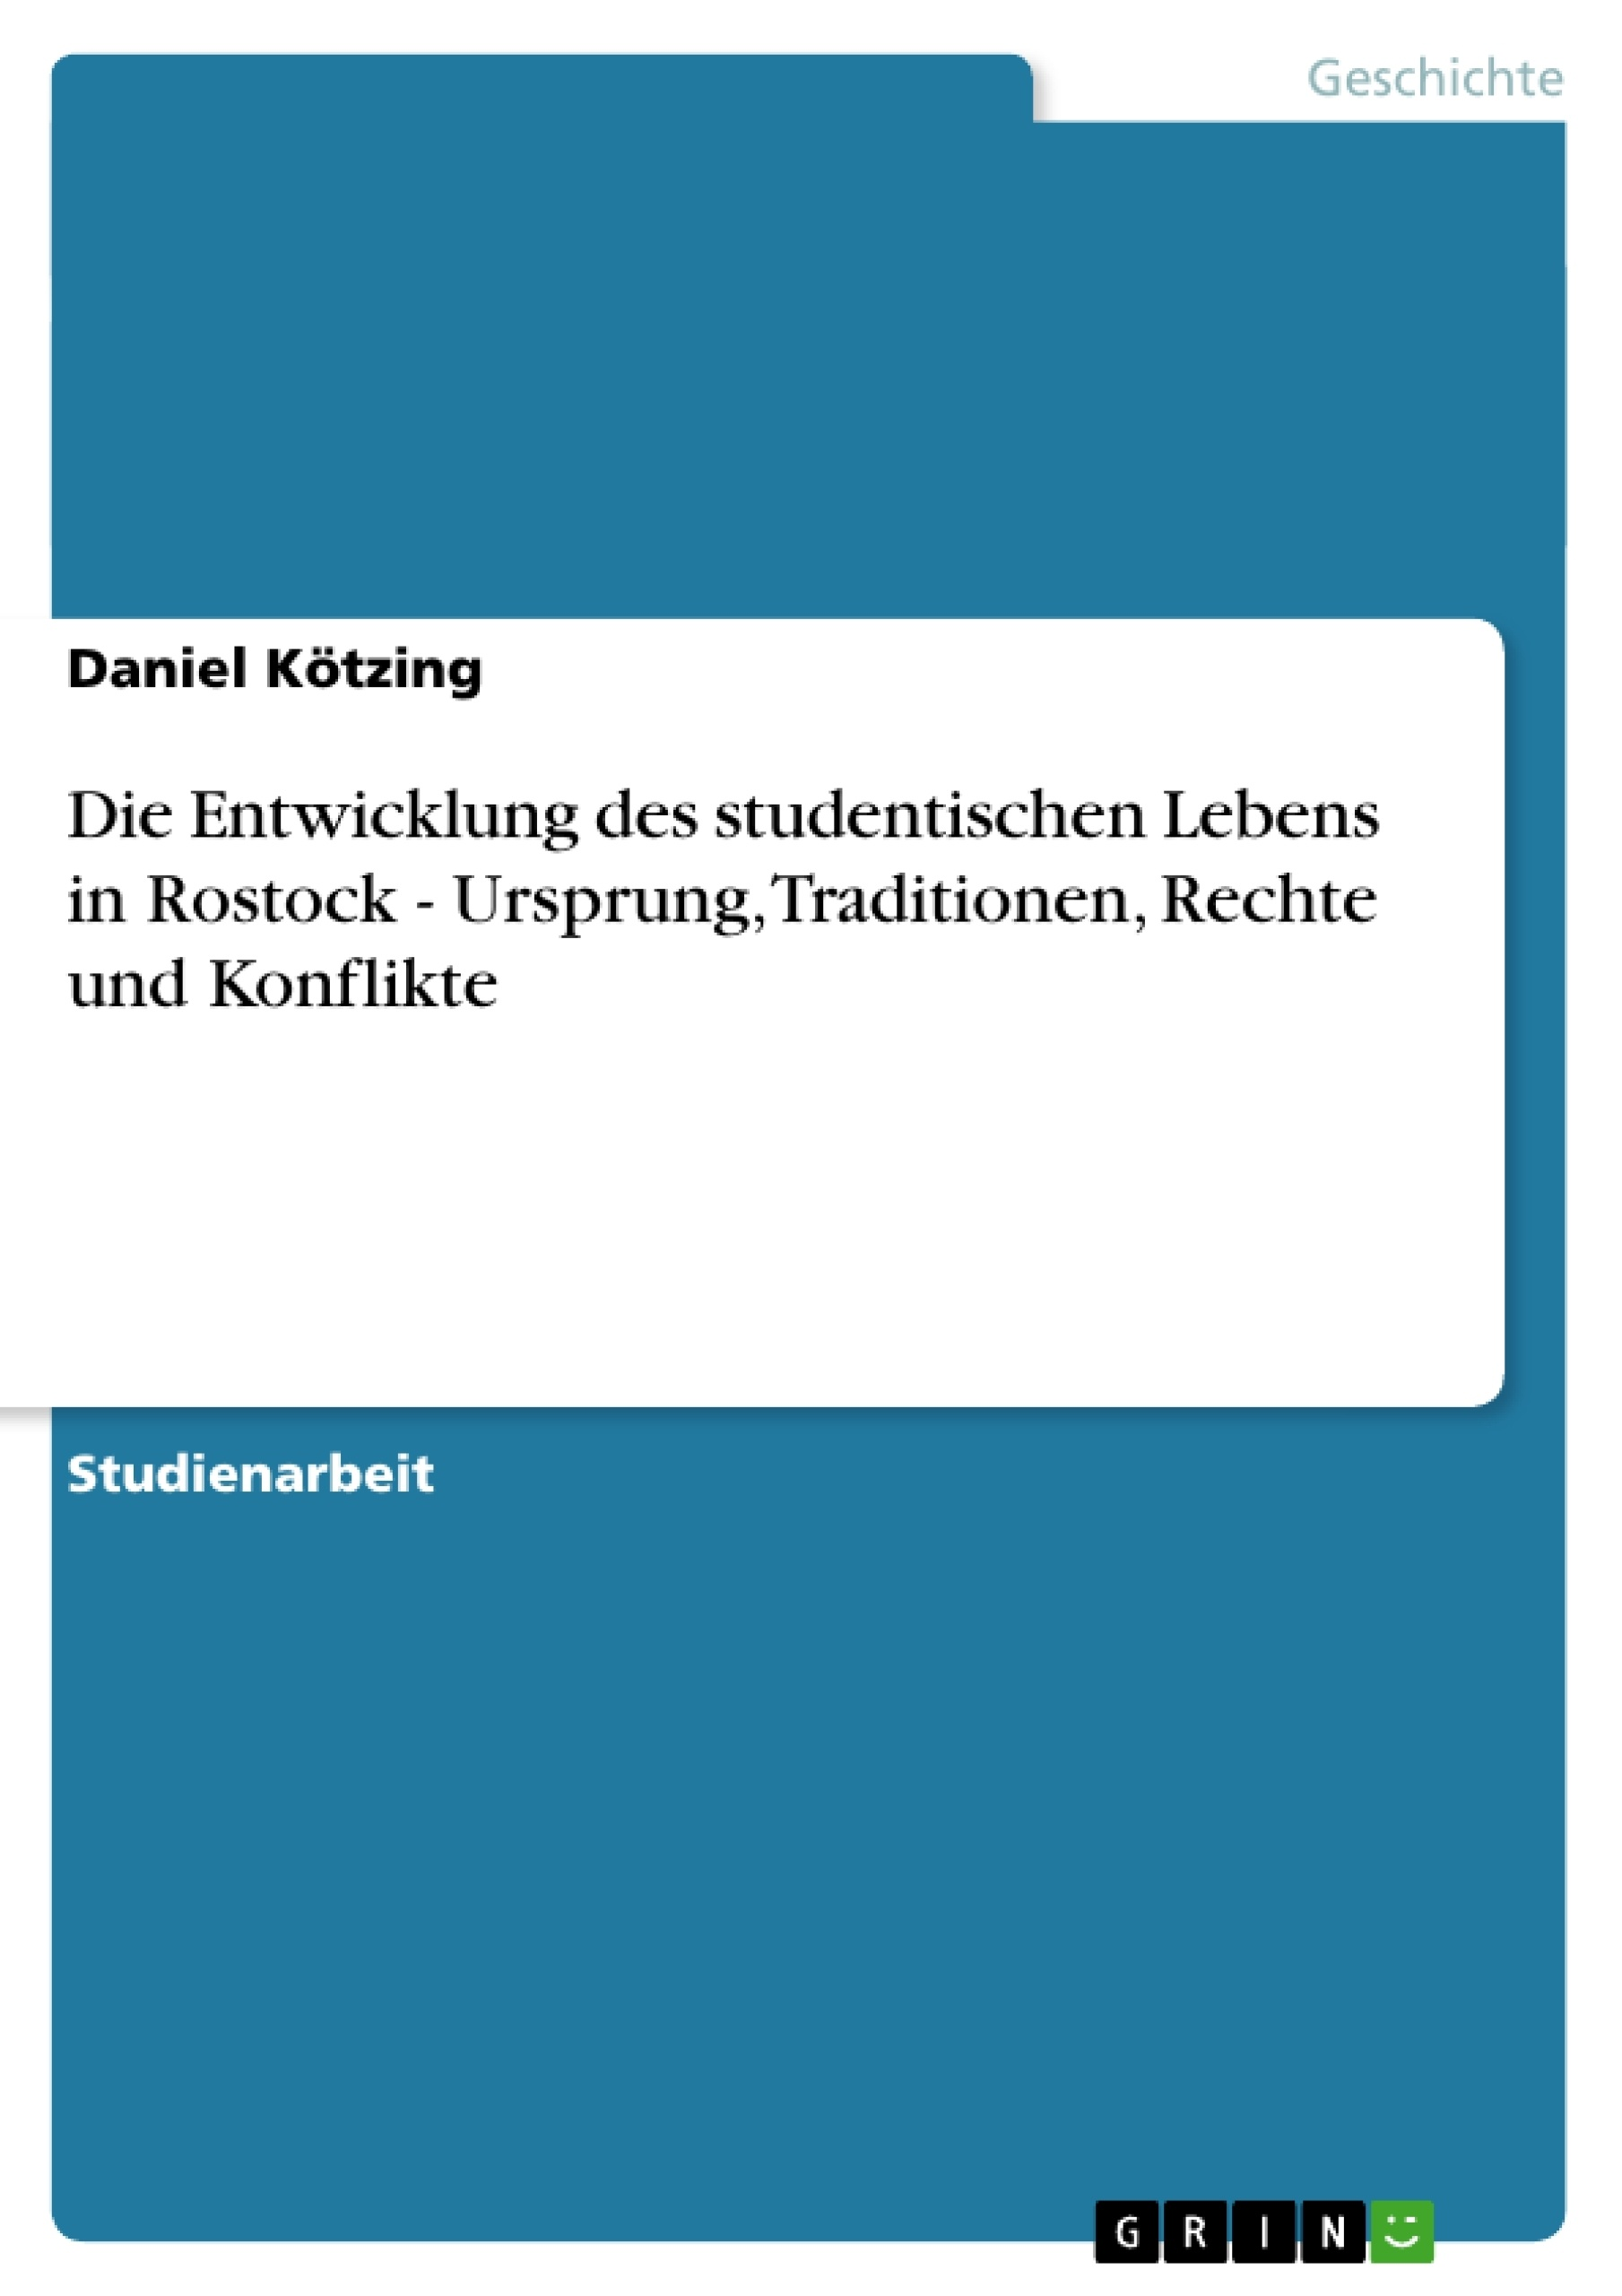 Titel: Die Entwicklung des studentischen Lebens in Rostock - Ursprung, Traditionen, Rechte und Konflikte